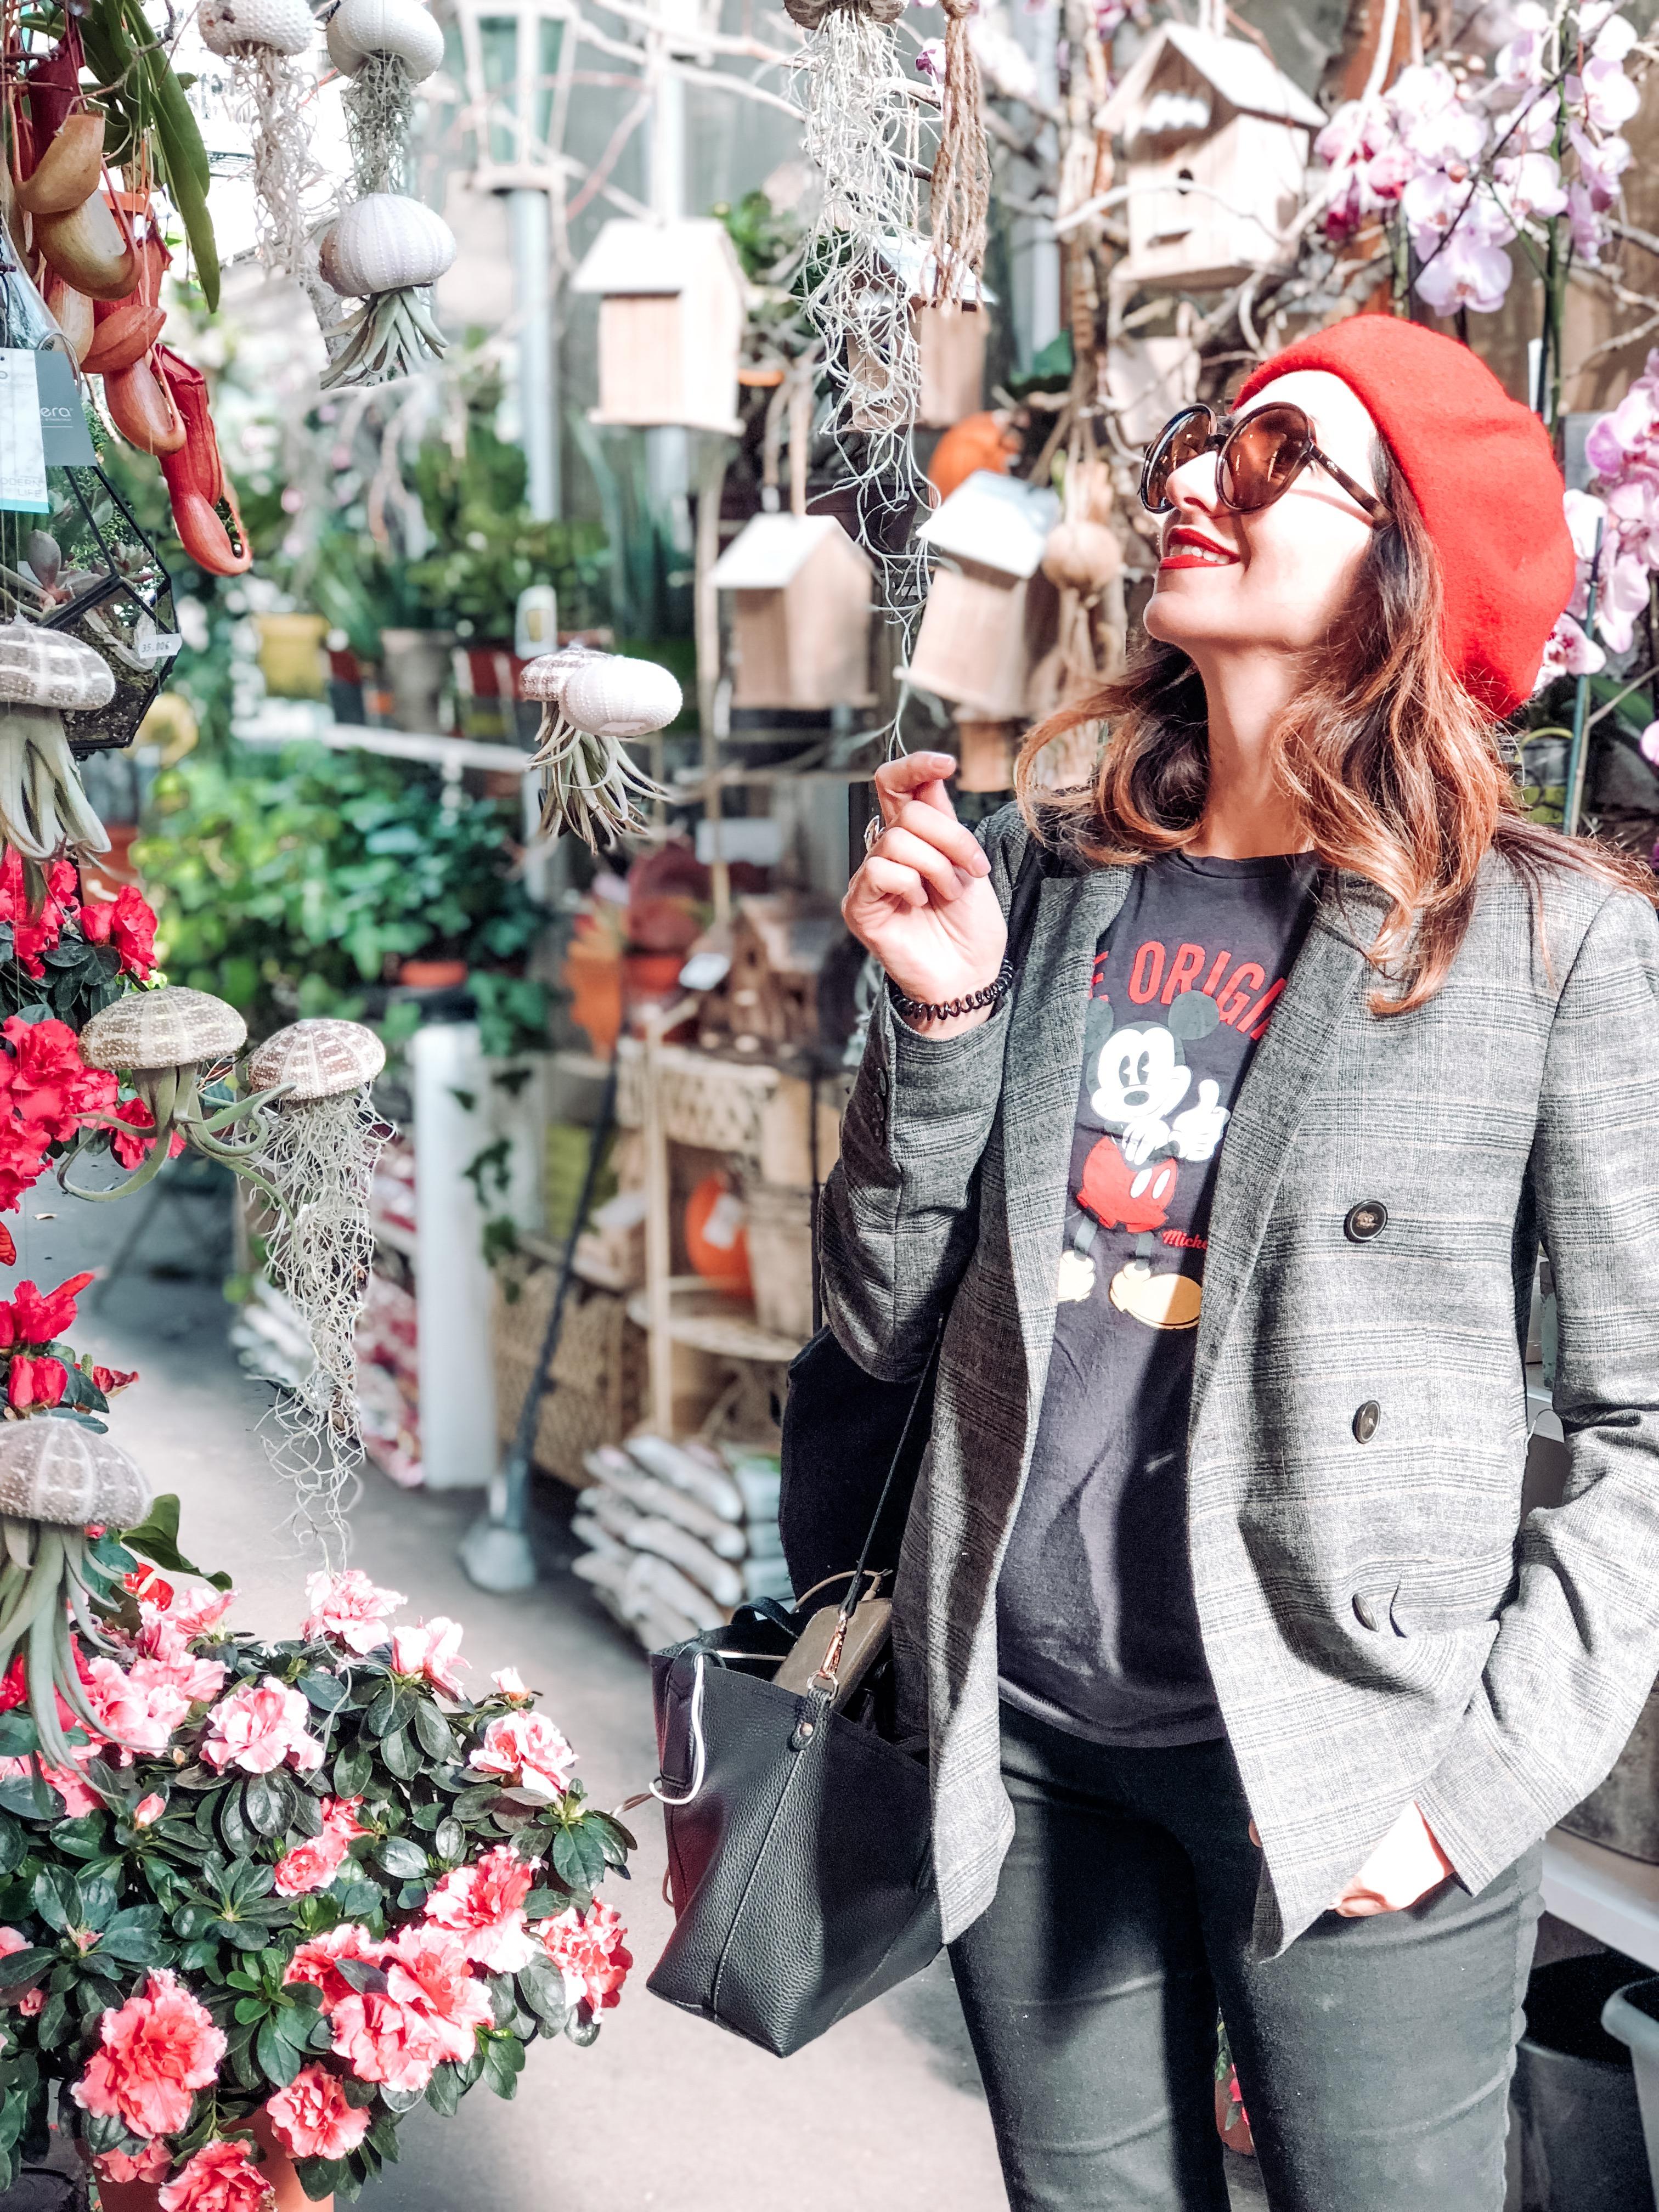 Marché aux fleurs de Paris, Parigi in autunno, jardin de luxembourg, Impastastorie, impastastorie bistrot, autumn in paris, Champ de Mars, Tour eiffel, eiffel tower in autumn